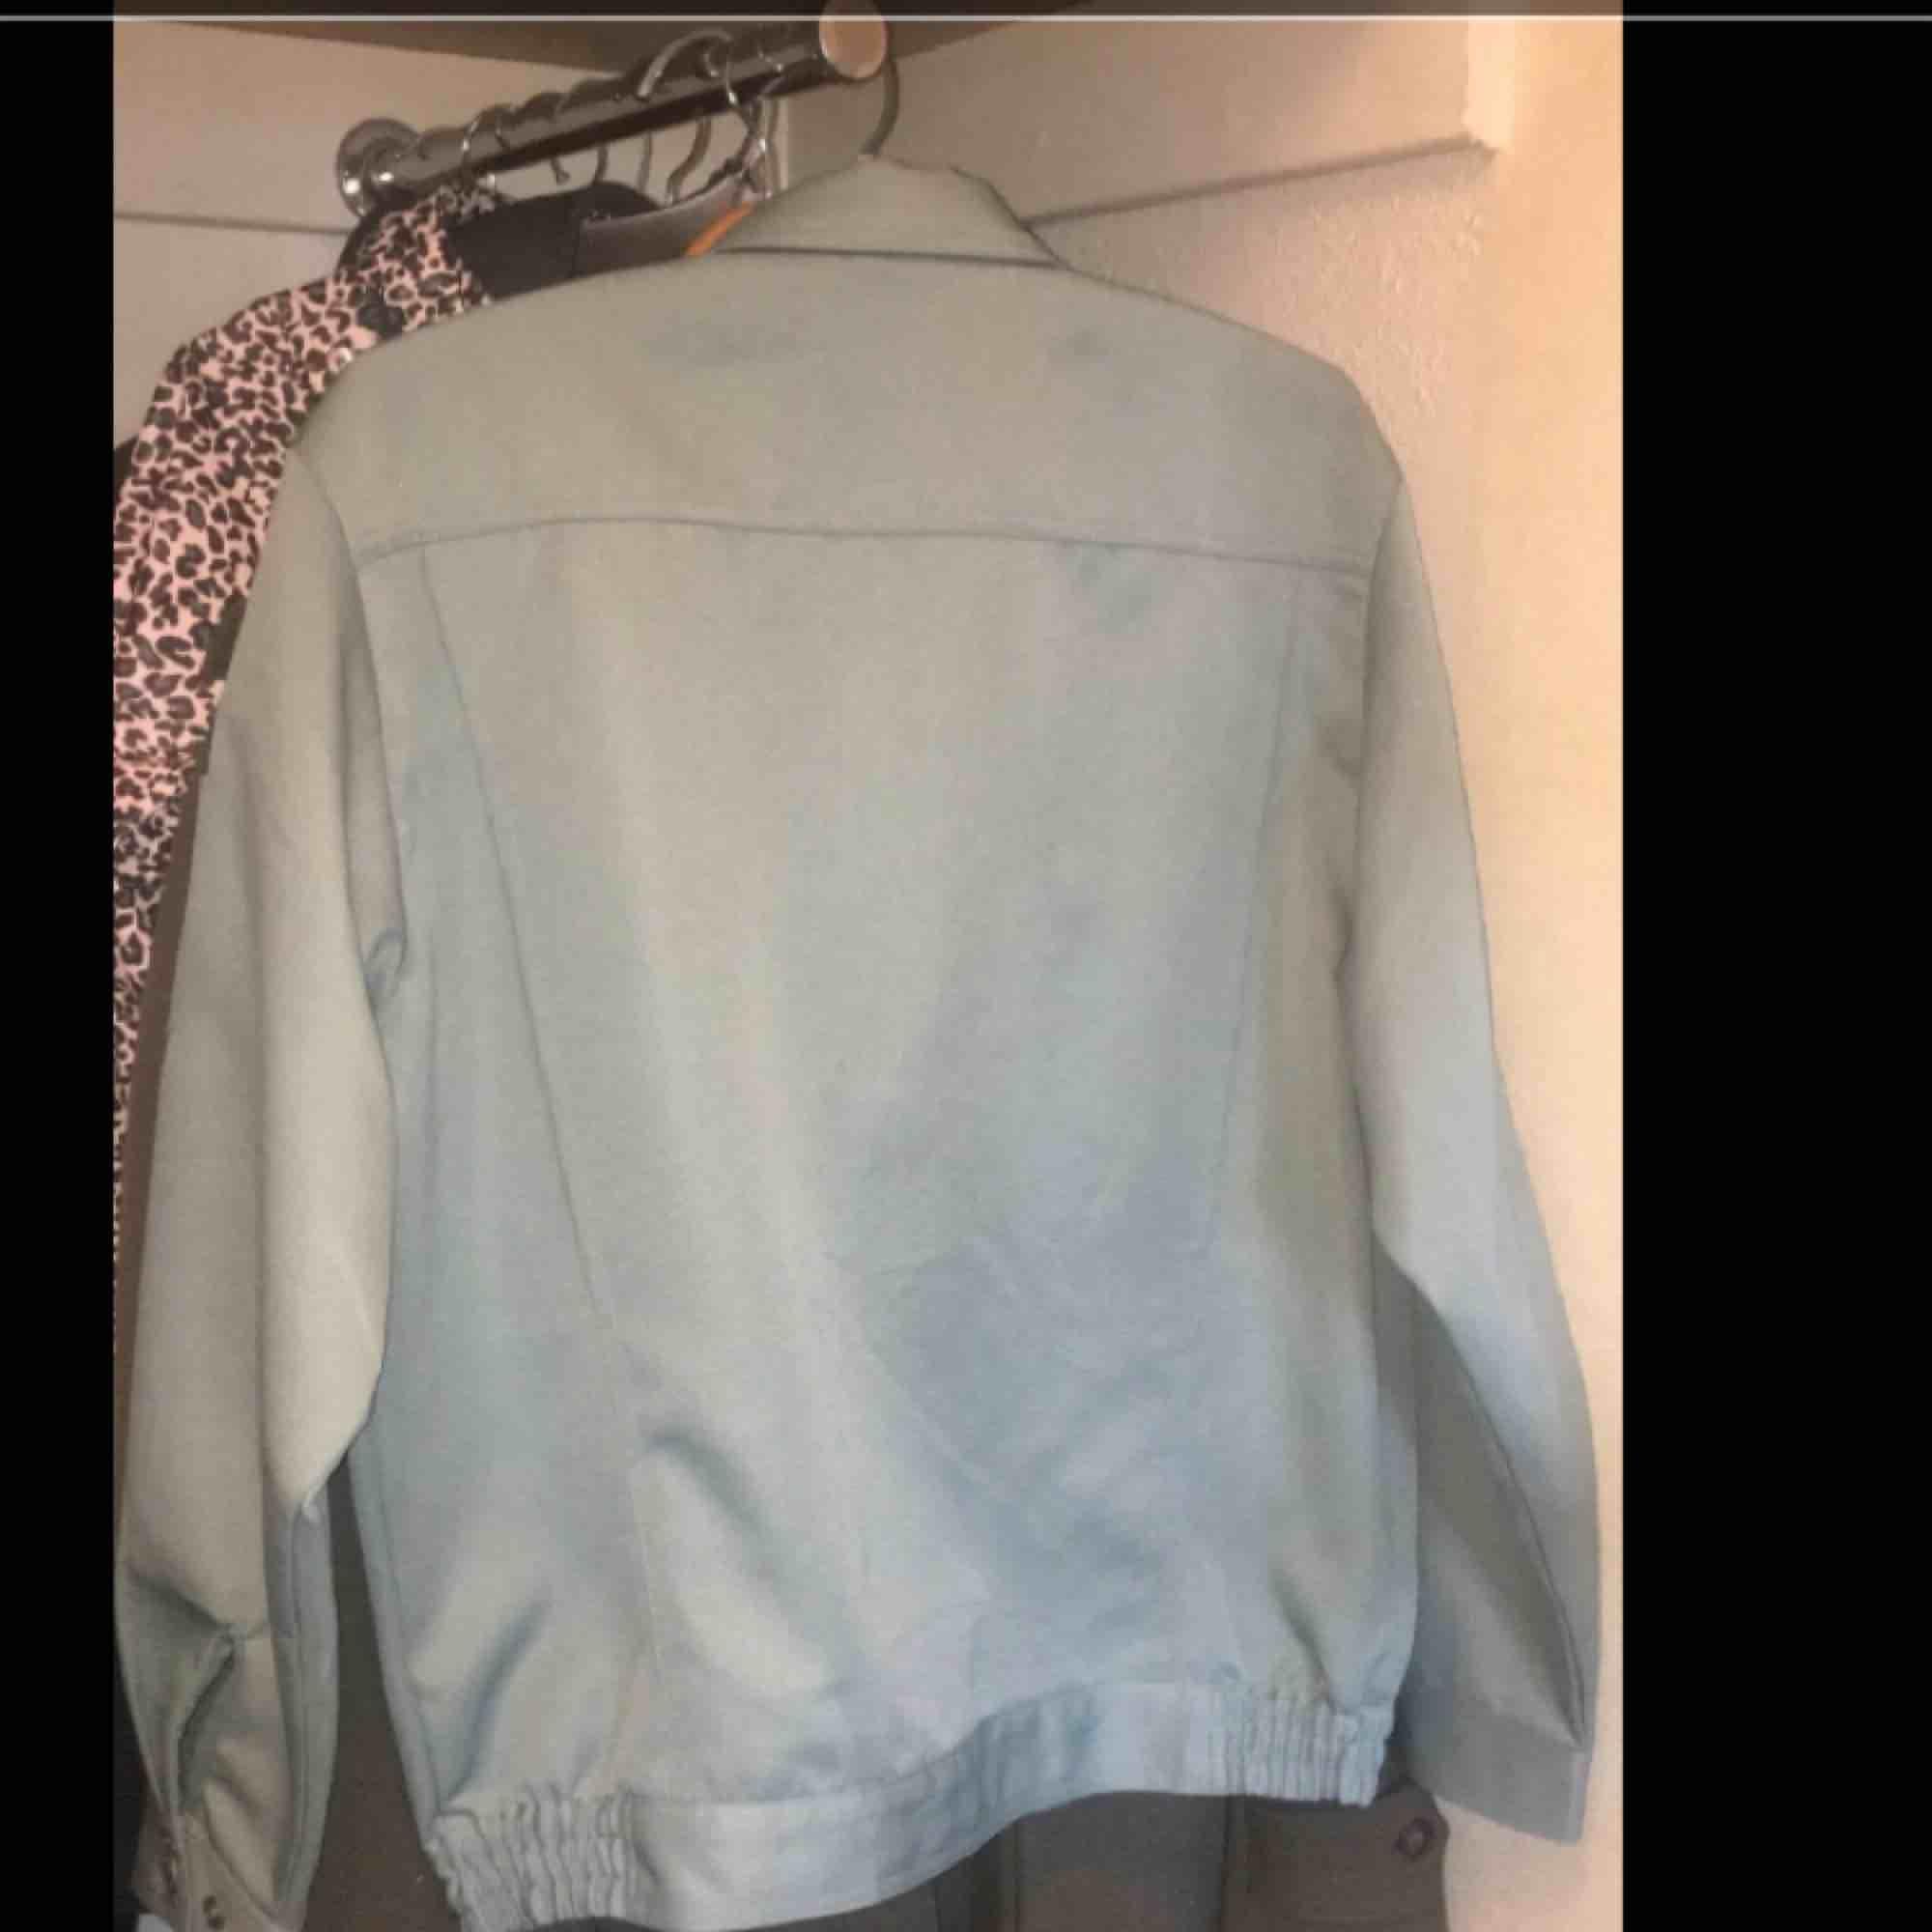 ☘️Vintage Scutum Japansk Racing-jacket By Top Shaleton☘️storlek L, passar M perfekt (nästan S dessutom för en oversized fit)☘️ Köpt på Episode i danmark, använd en gång☘️Pris  kan diskuteras, speciellt vid snabb affär☘️Köpare står för frakt☘️. Jackor.